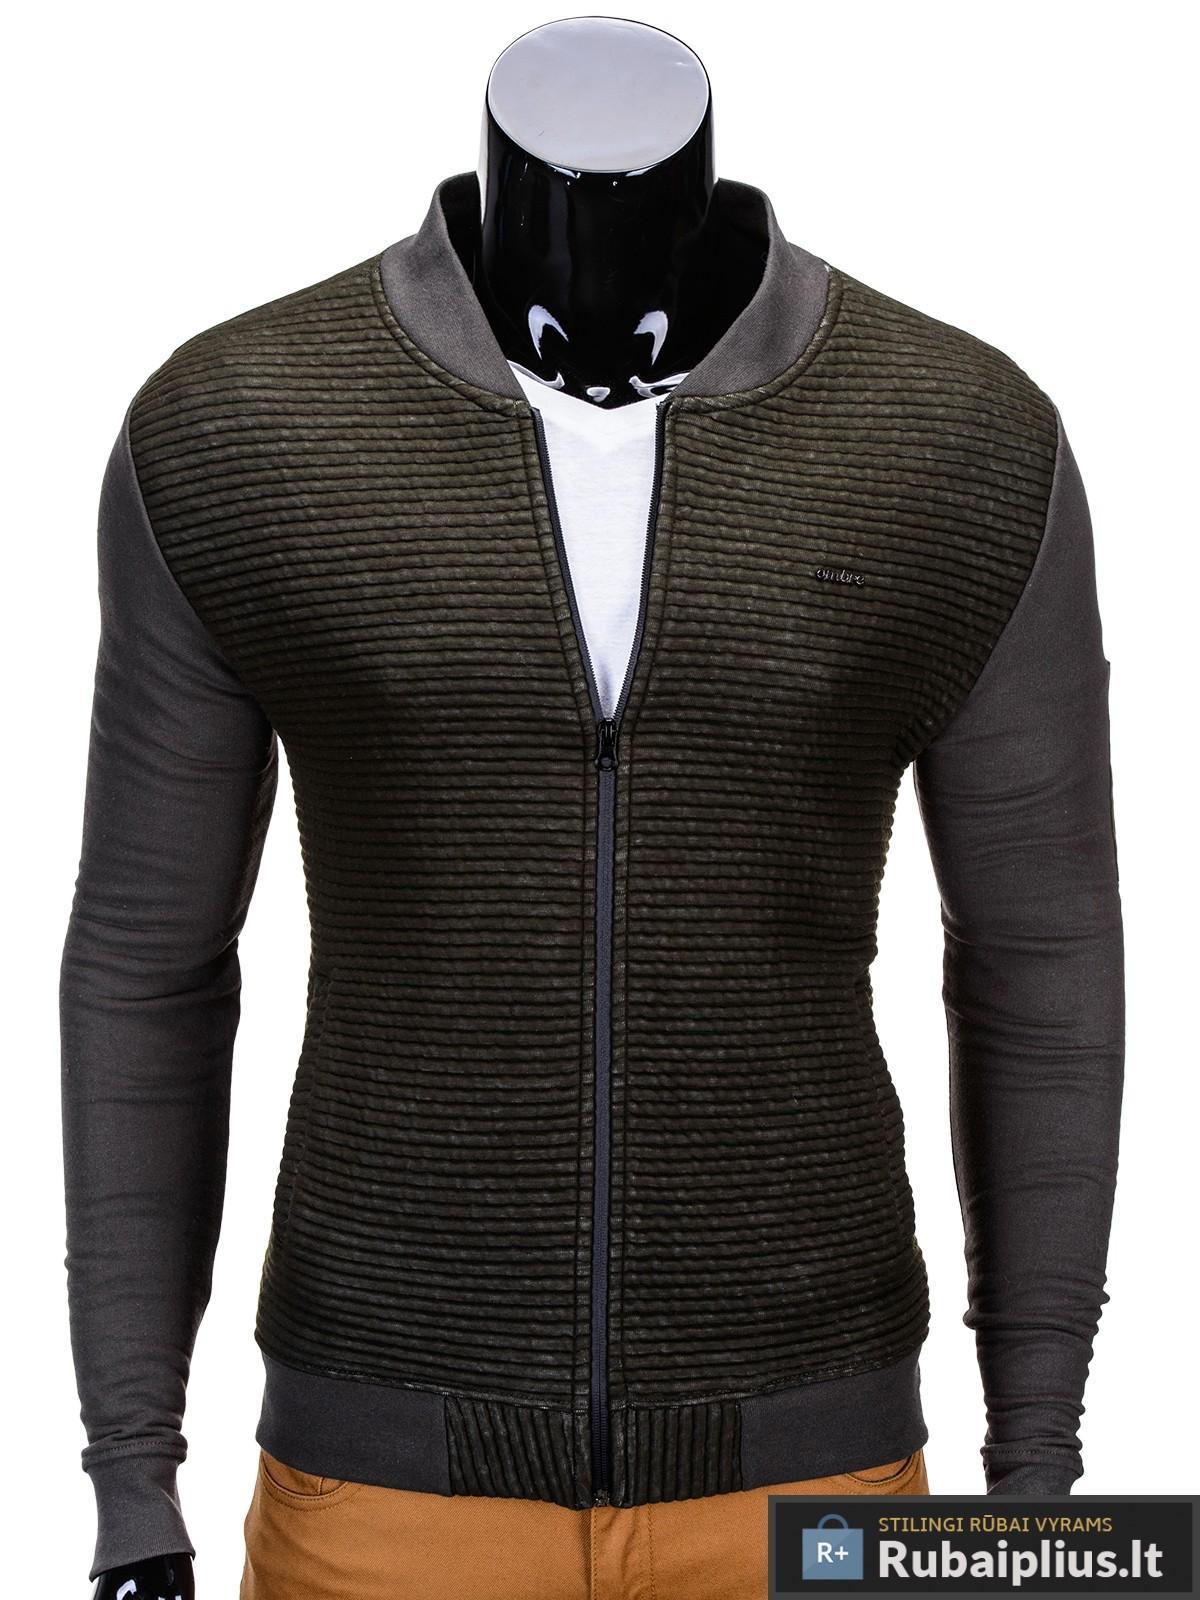 melanzinis, jaunimui, jaunuoliui, vyriskas dzemperis, zalios spalvos vyriškas džemperis internetu, džemperis vyrams, patogus vyriškas džemperis, džemperis užsegamas užtrauktuku su kišenėmis, džemperis mėgstantiems aktyvų gyvenimo būdą, džemperis laisvalaikiui, džemperis užsegamas užtrauktuku, originalūs vyriški džemperiai, vyriškas bliuzonas internetu, bliuzonas su gobtuvu, bliuzonas su kapišonu stilingas, bliuzonas vyrams, vyriškas megztinis internetu, kokybiškas džemperis, madingi vyriški džemperiai, džemperis sportui, džemperis krepšiniui, džemperis futbolui, vyriški džemperiai už protigna kaina, akcija, nuolaidos